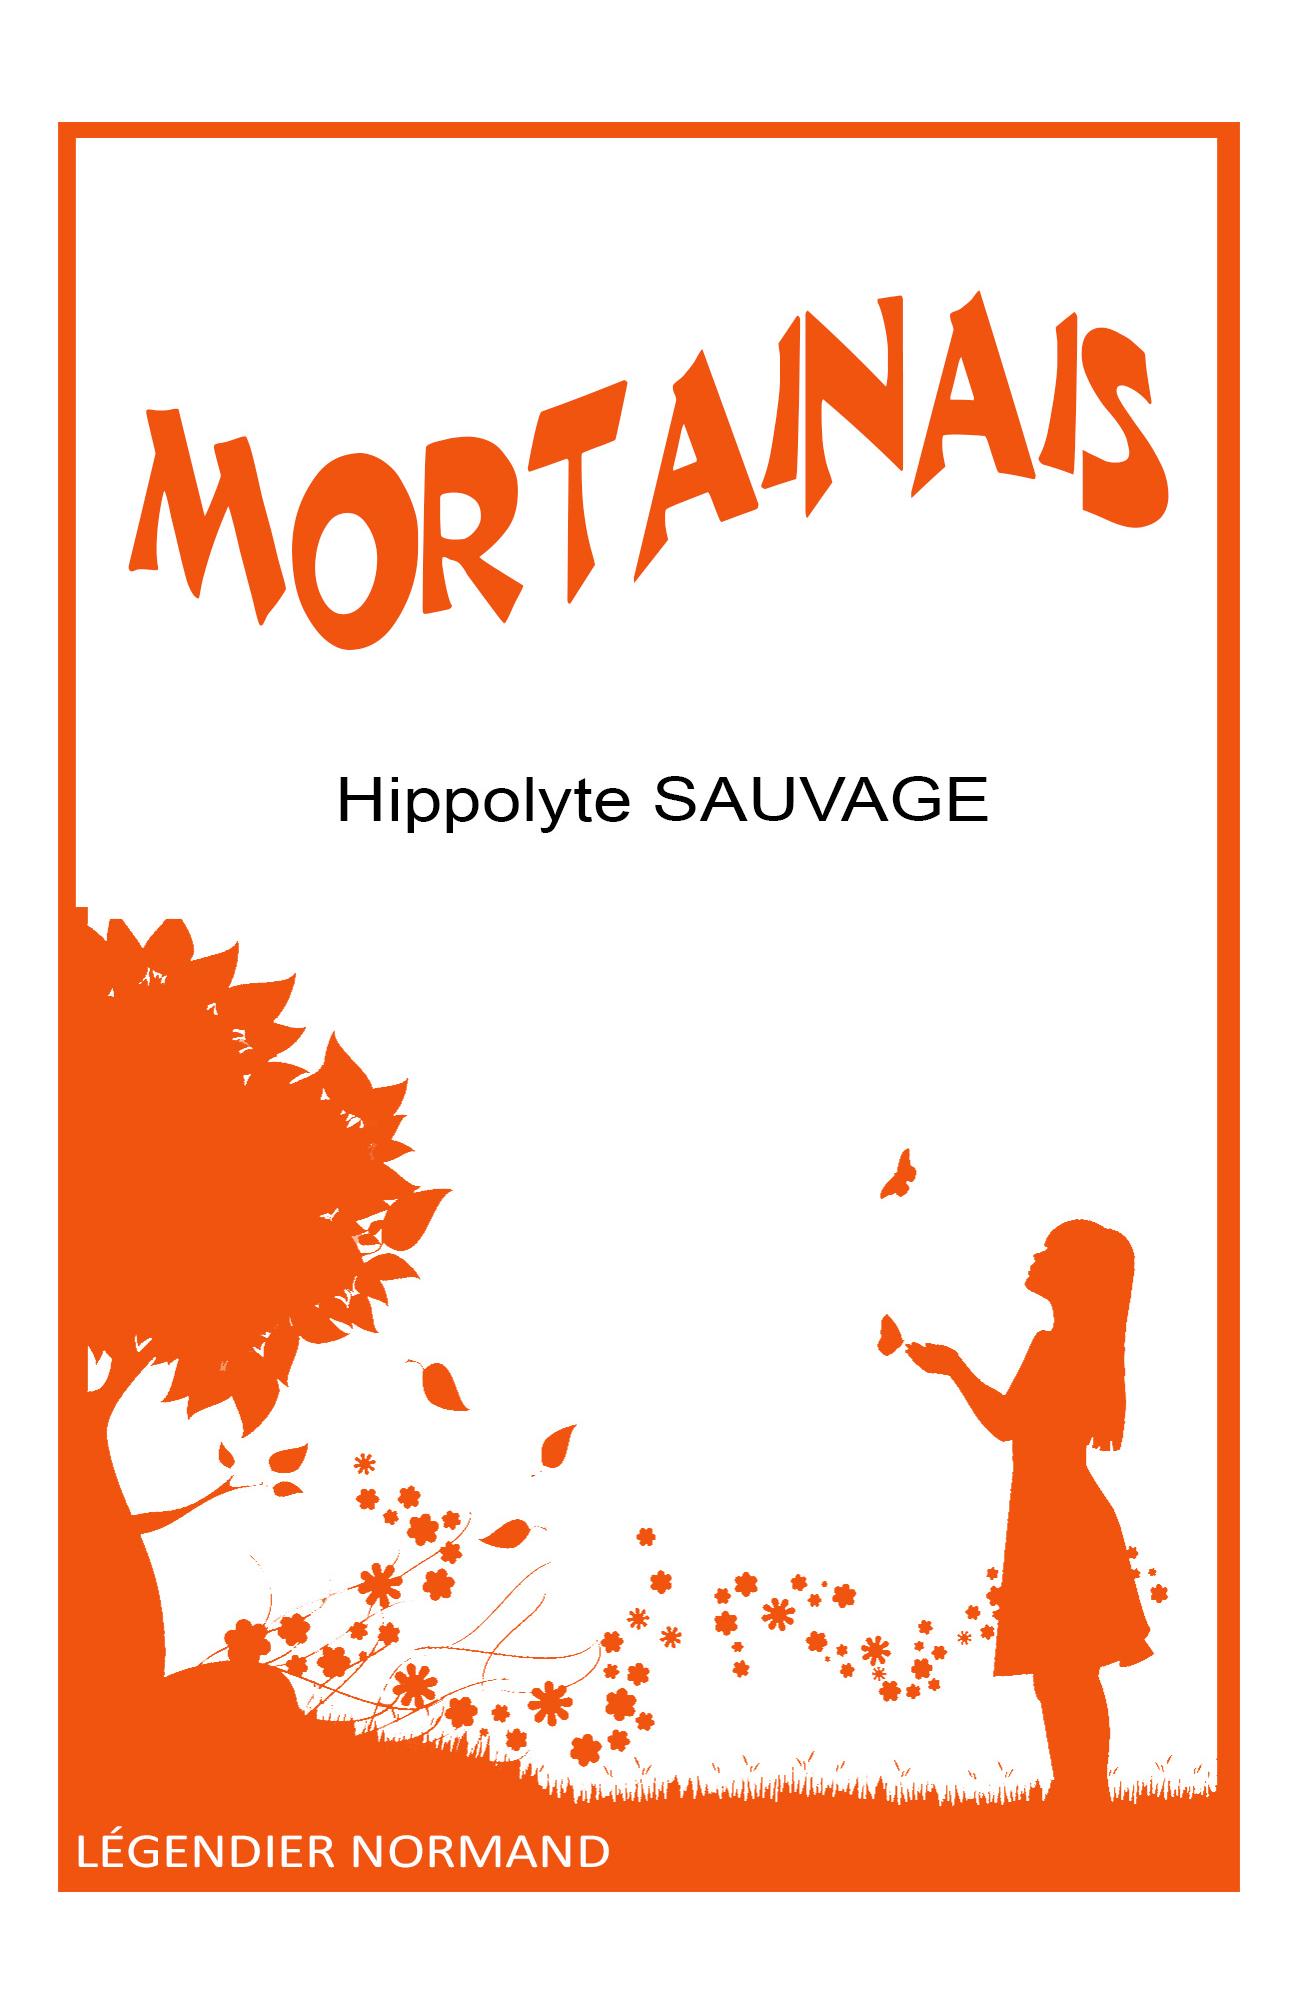 Légendier du Mortainais